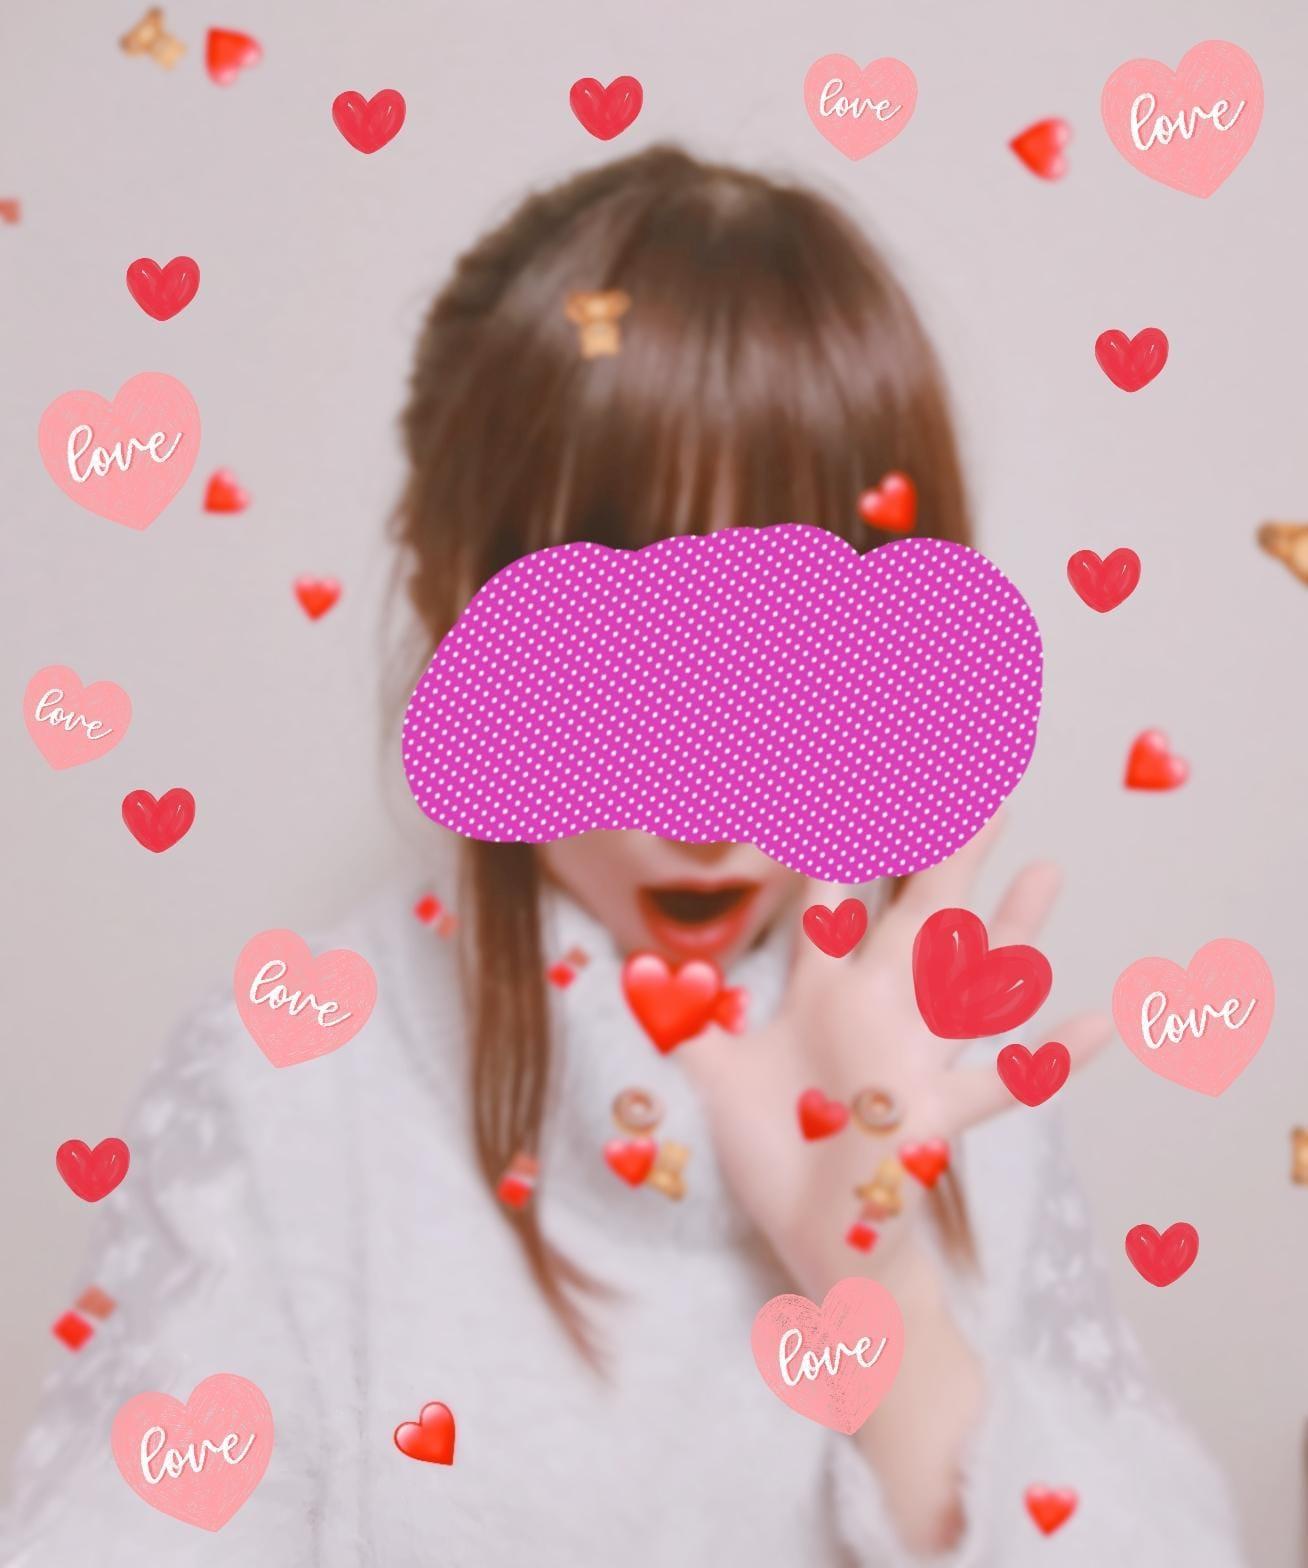 「ありがとうございます❤」02/14(金) 12:40 | きららの写メ・風俗動画